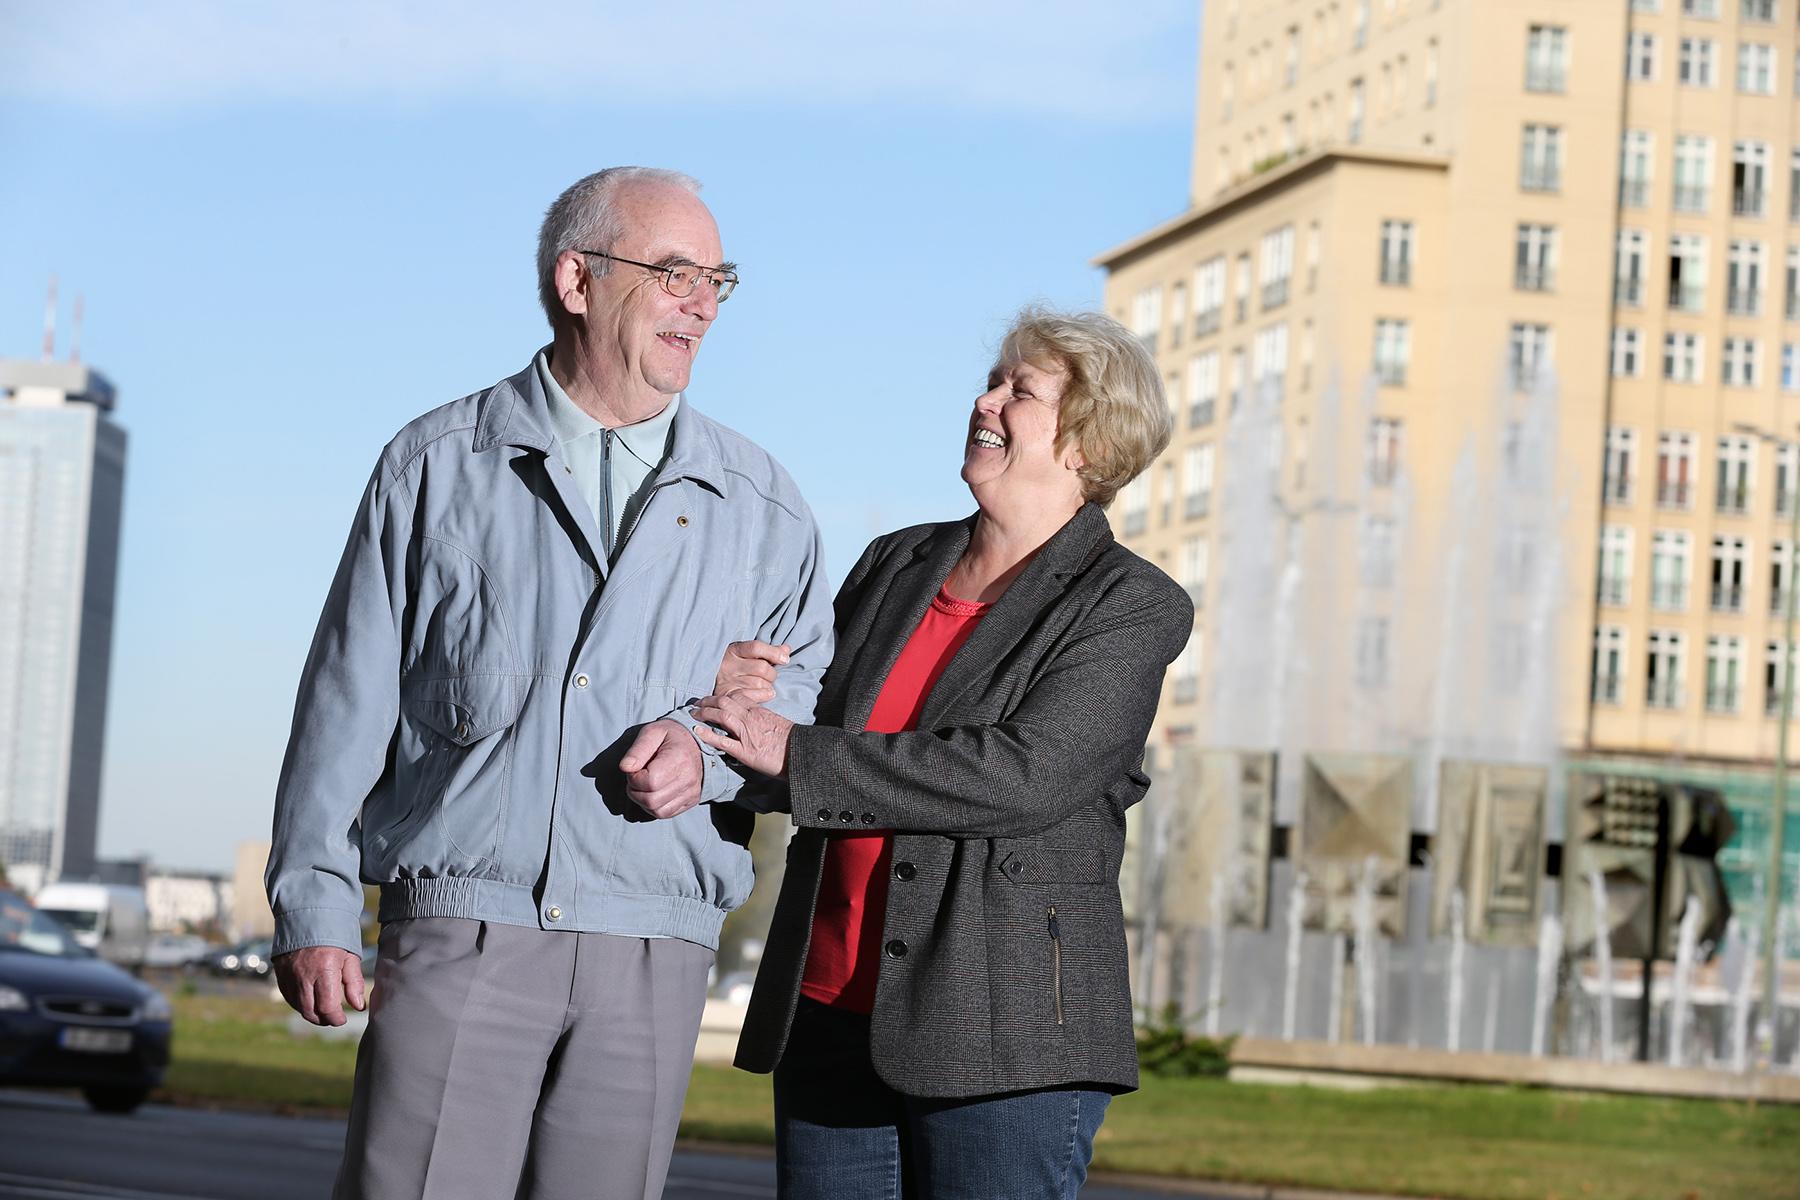 """Roswitha (66) und Hans (68) Osterberg aus Friedrichshain """"Das wir uns haben und schon so lange verheiratet sind - ja das macht uns glücklich"""""""